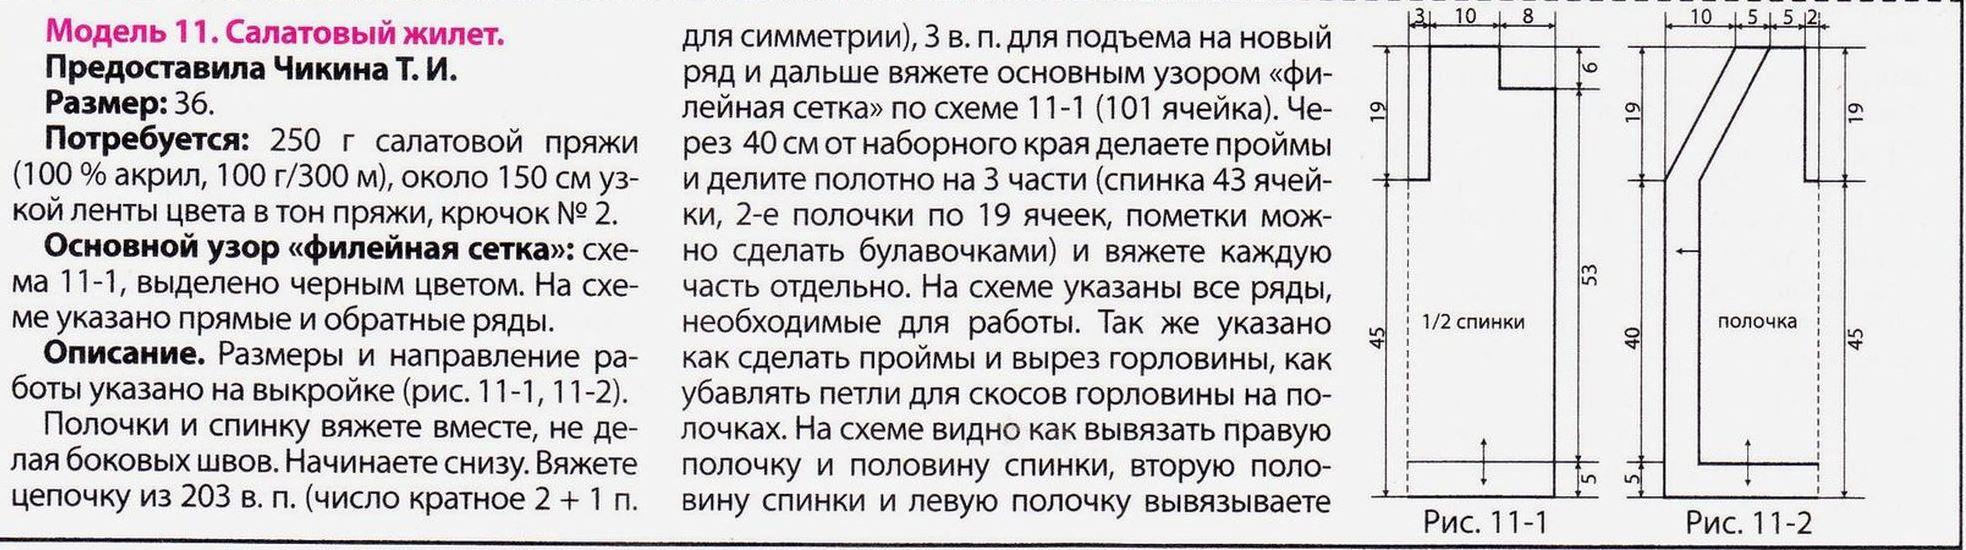 1169_ВяжемКрюч118 (29)